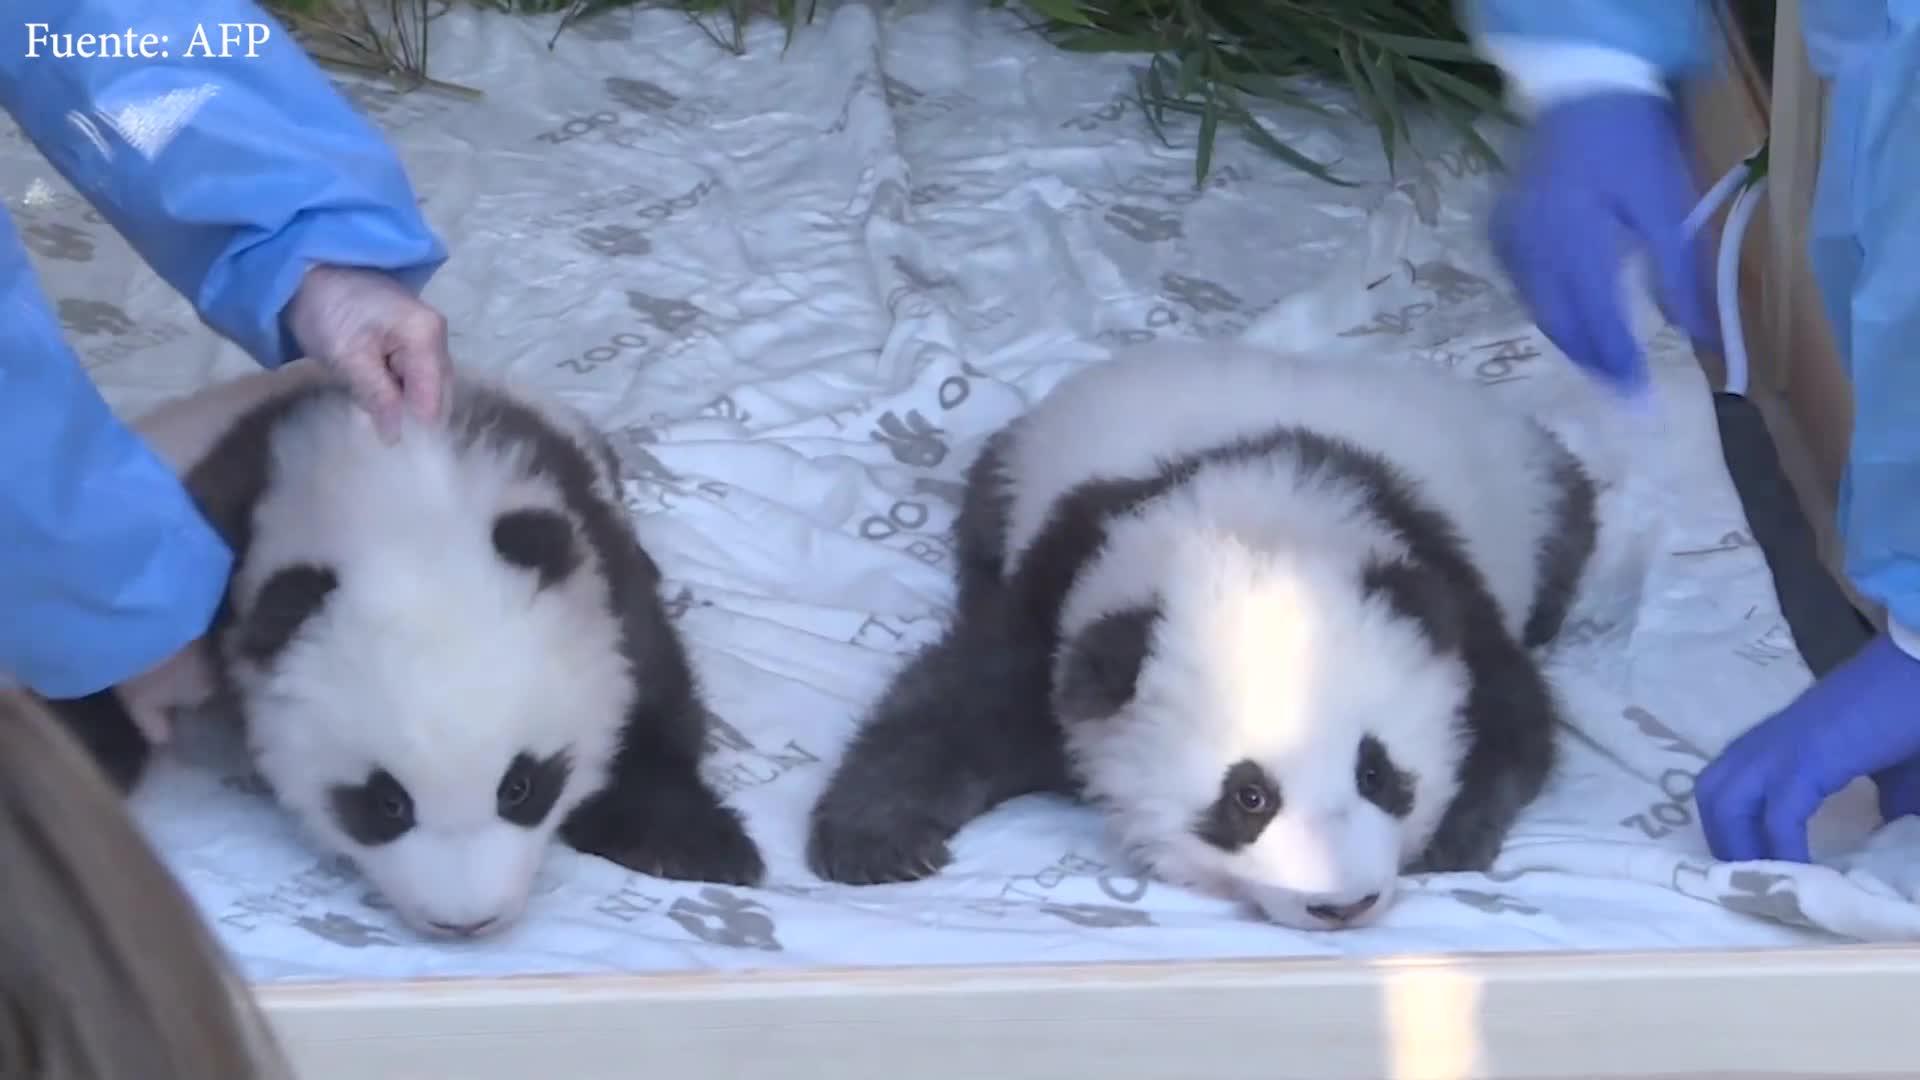 El zoológico de Berlín presenta en sociedad a dos bebés pandas gemelos